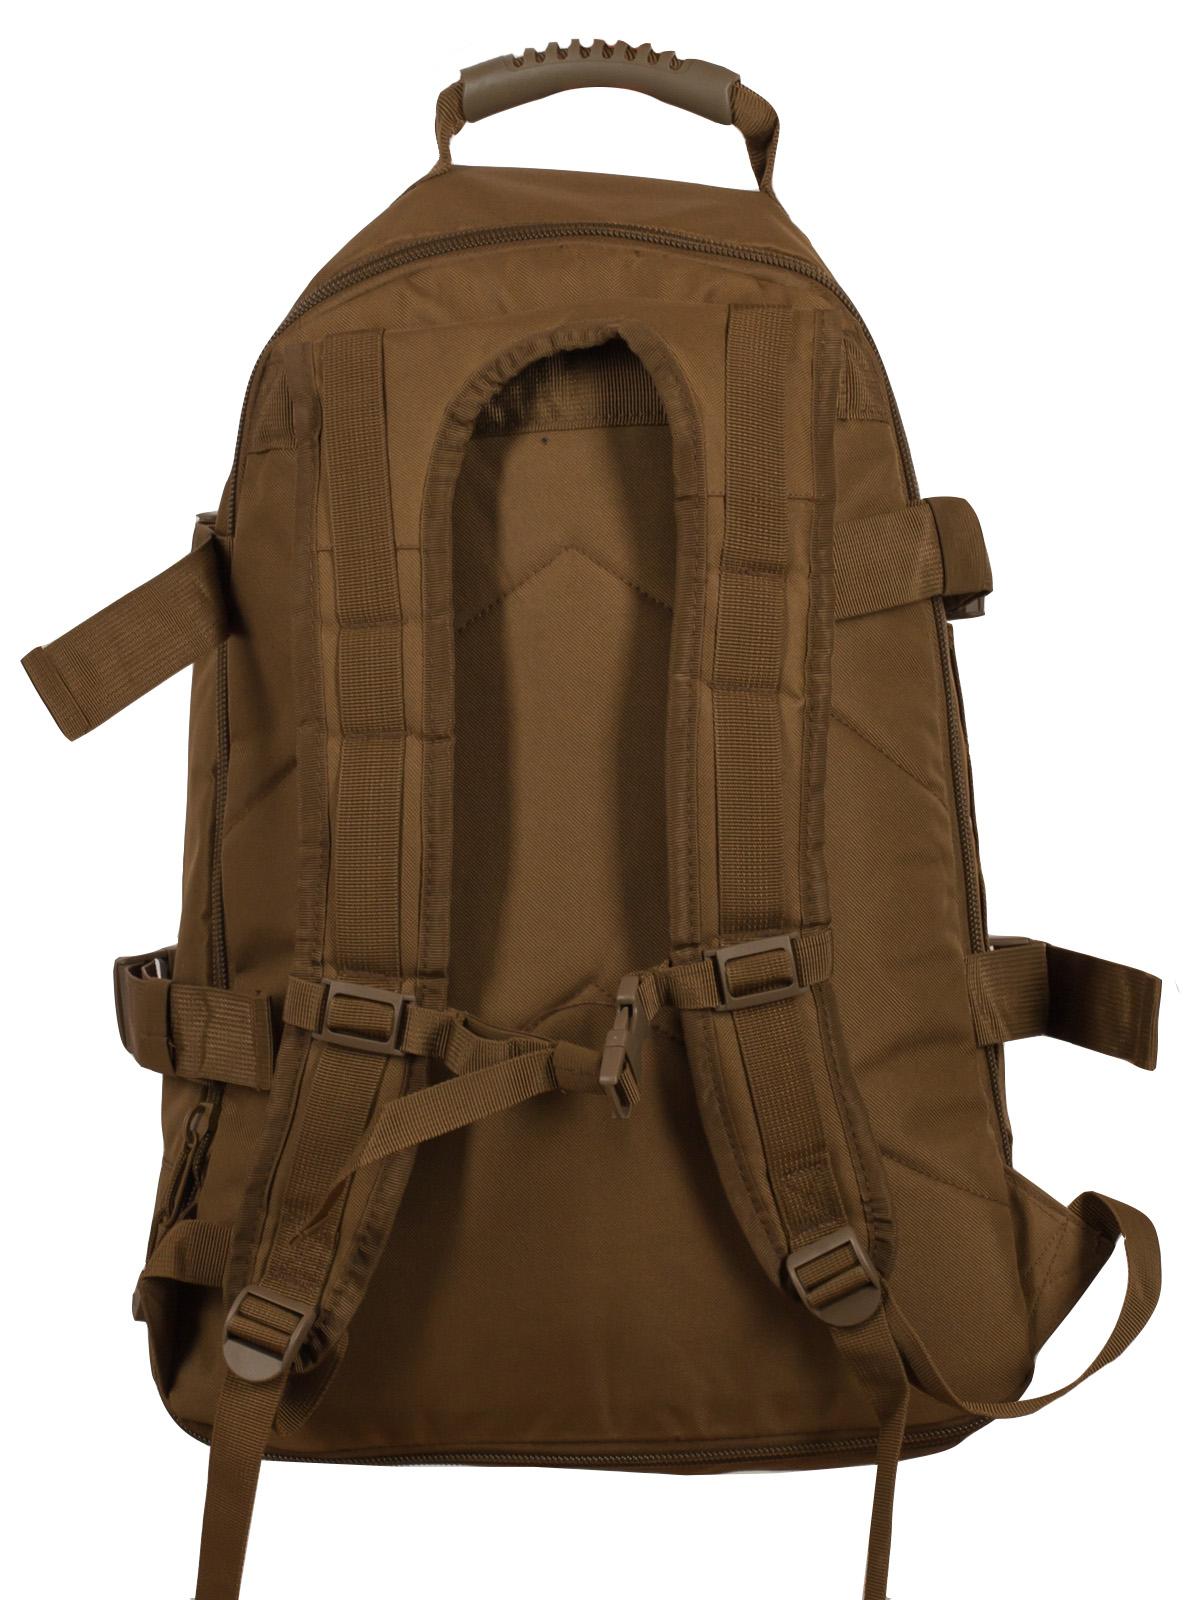 Купить штурмовой надежный рюкзак с нашивкой Охотничий Спецназ оптом выгодно